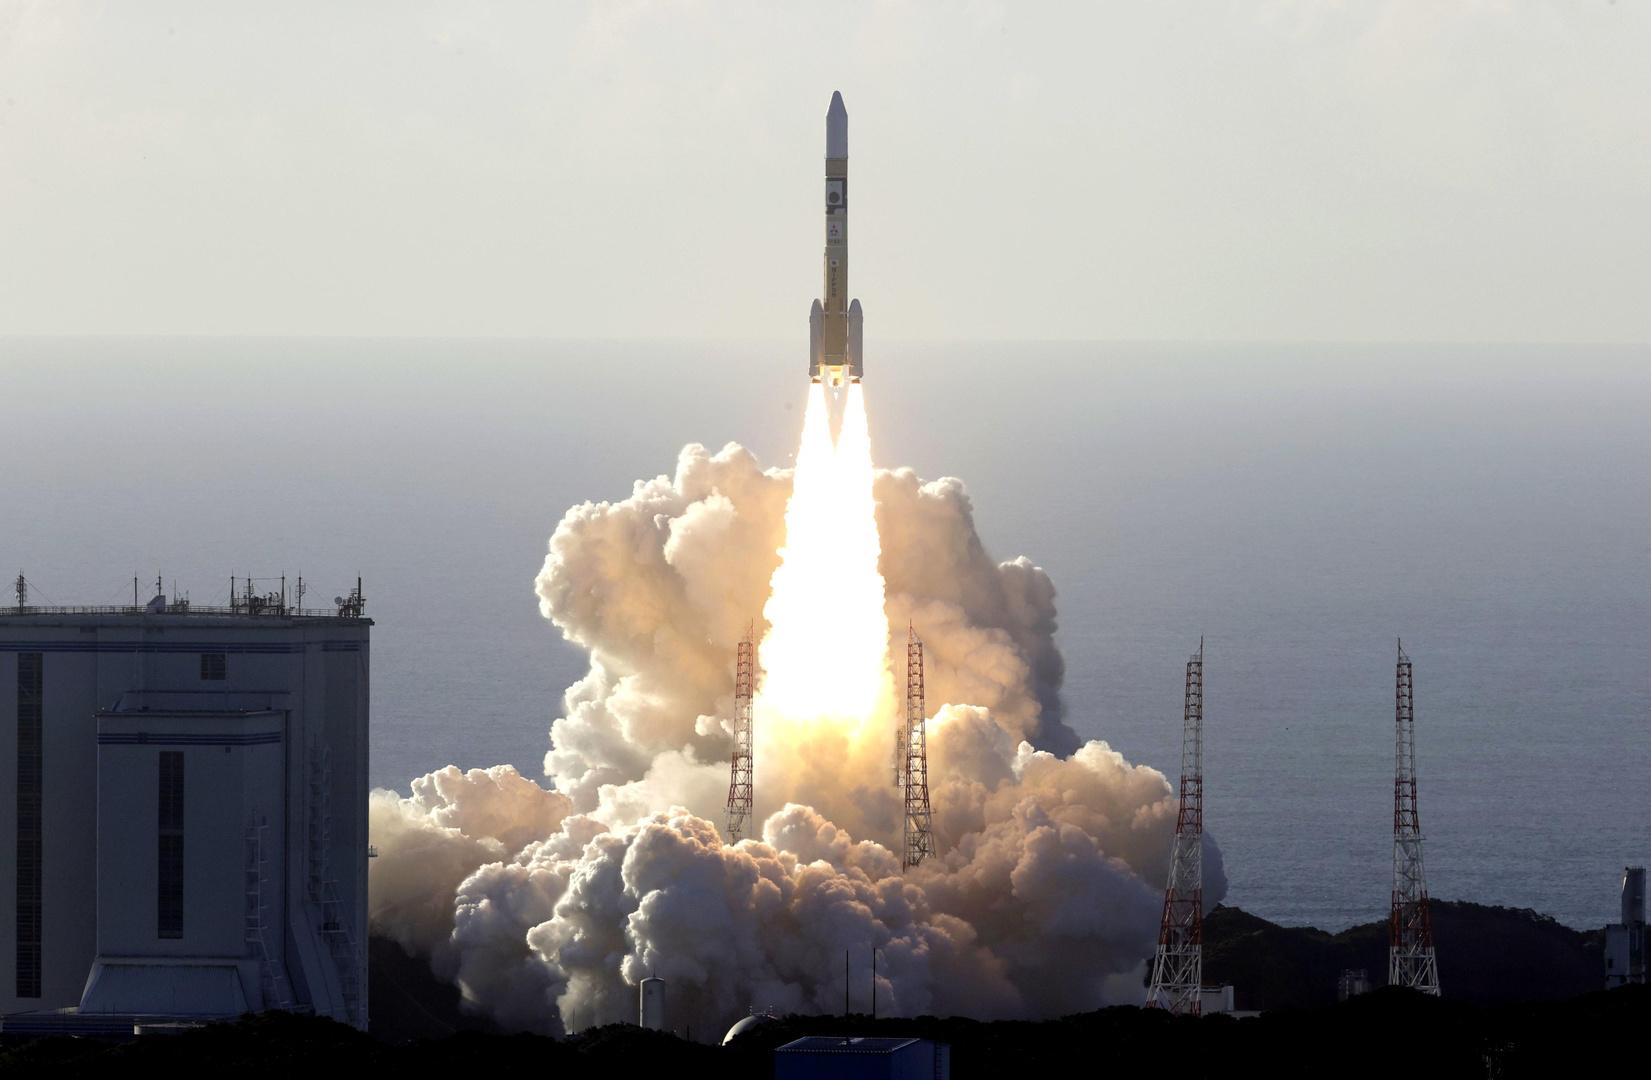 Arrivée imminente de trois sondes autour de Mars: démonstration de puissance sur la planète rouge